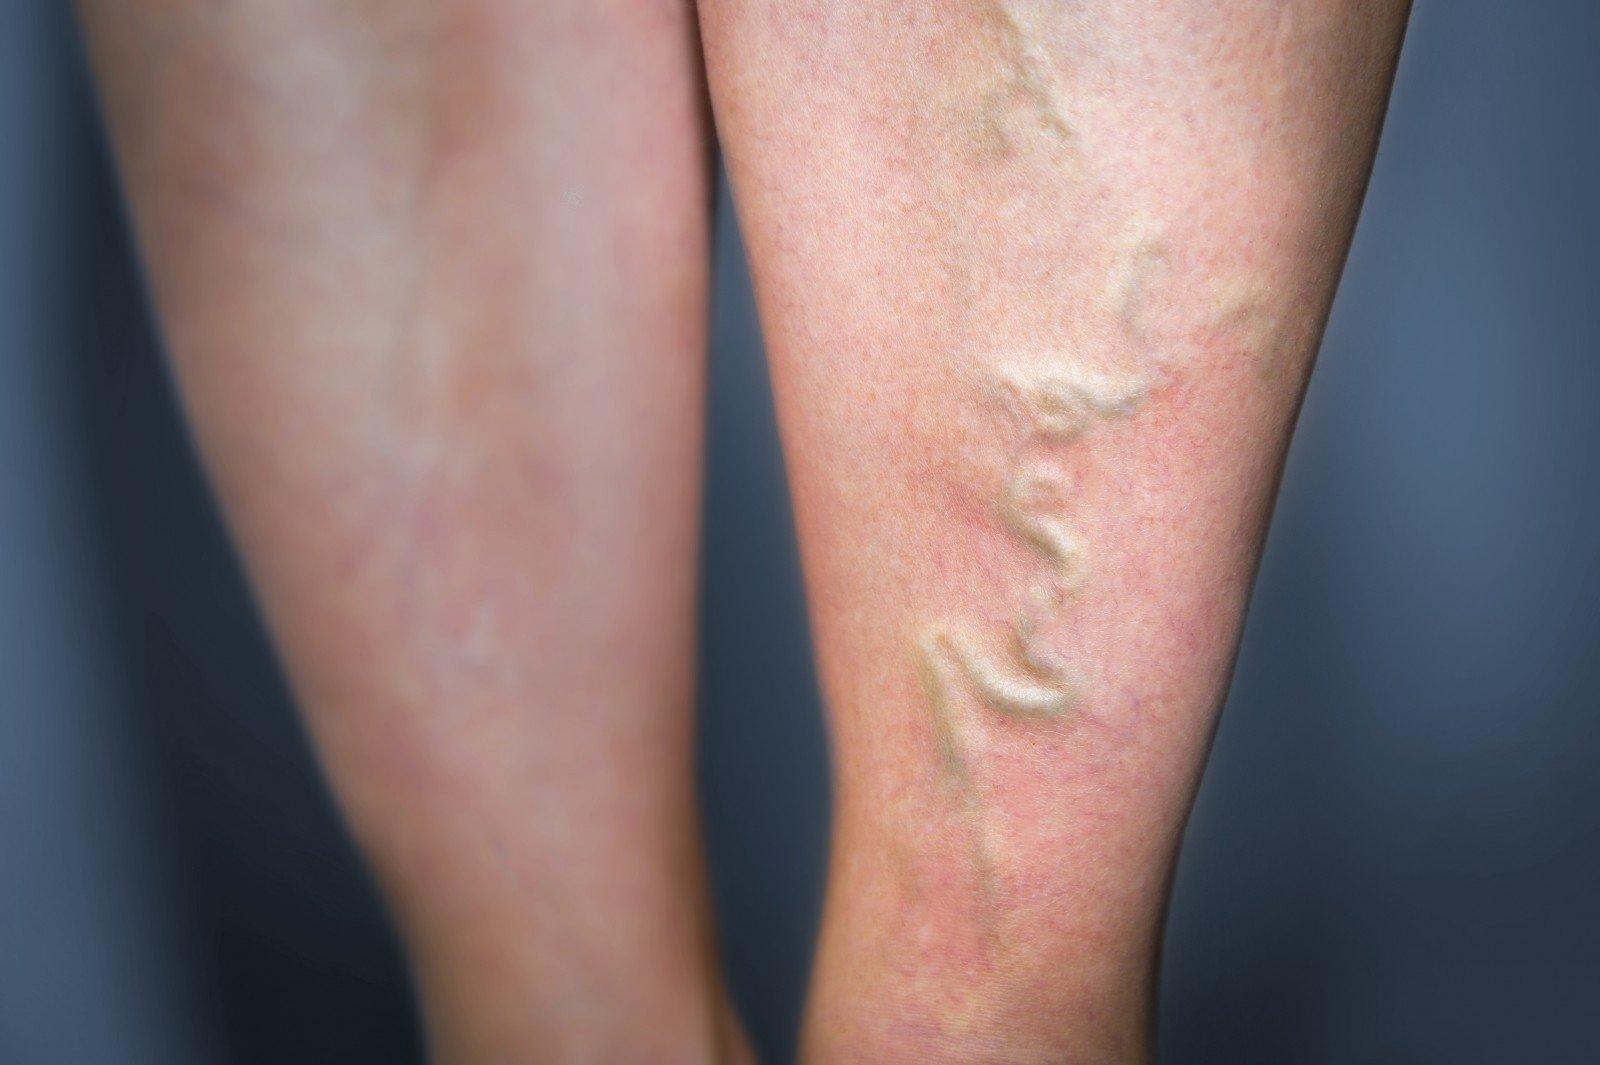 Kojų venų varikozė: simptomai ir gydymas - Hipertenzija November